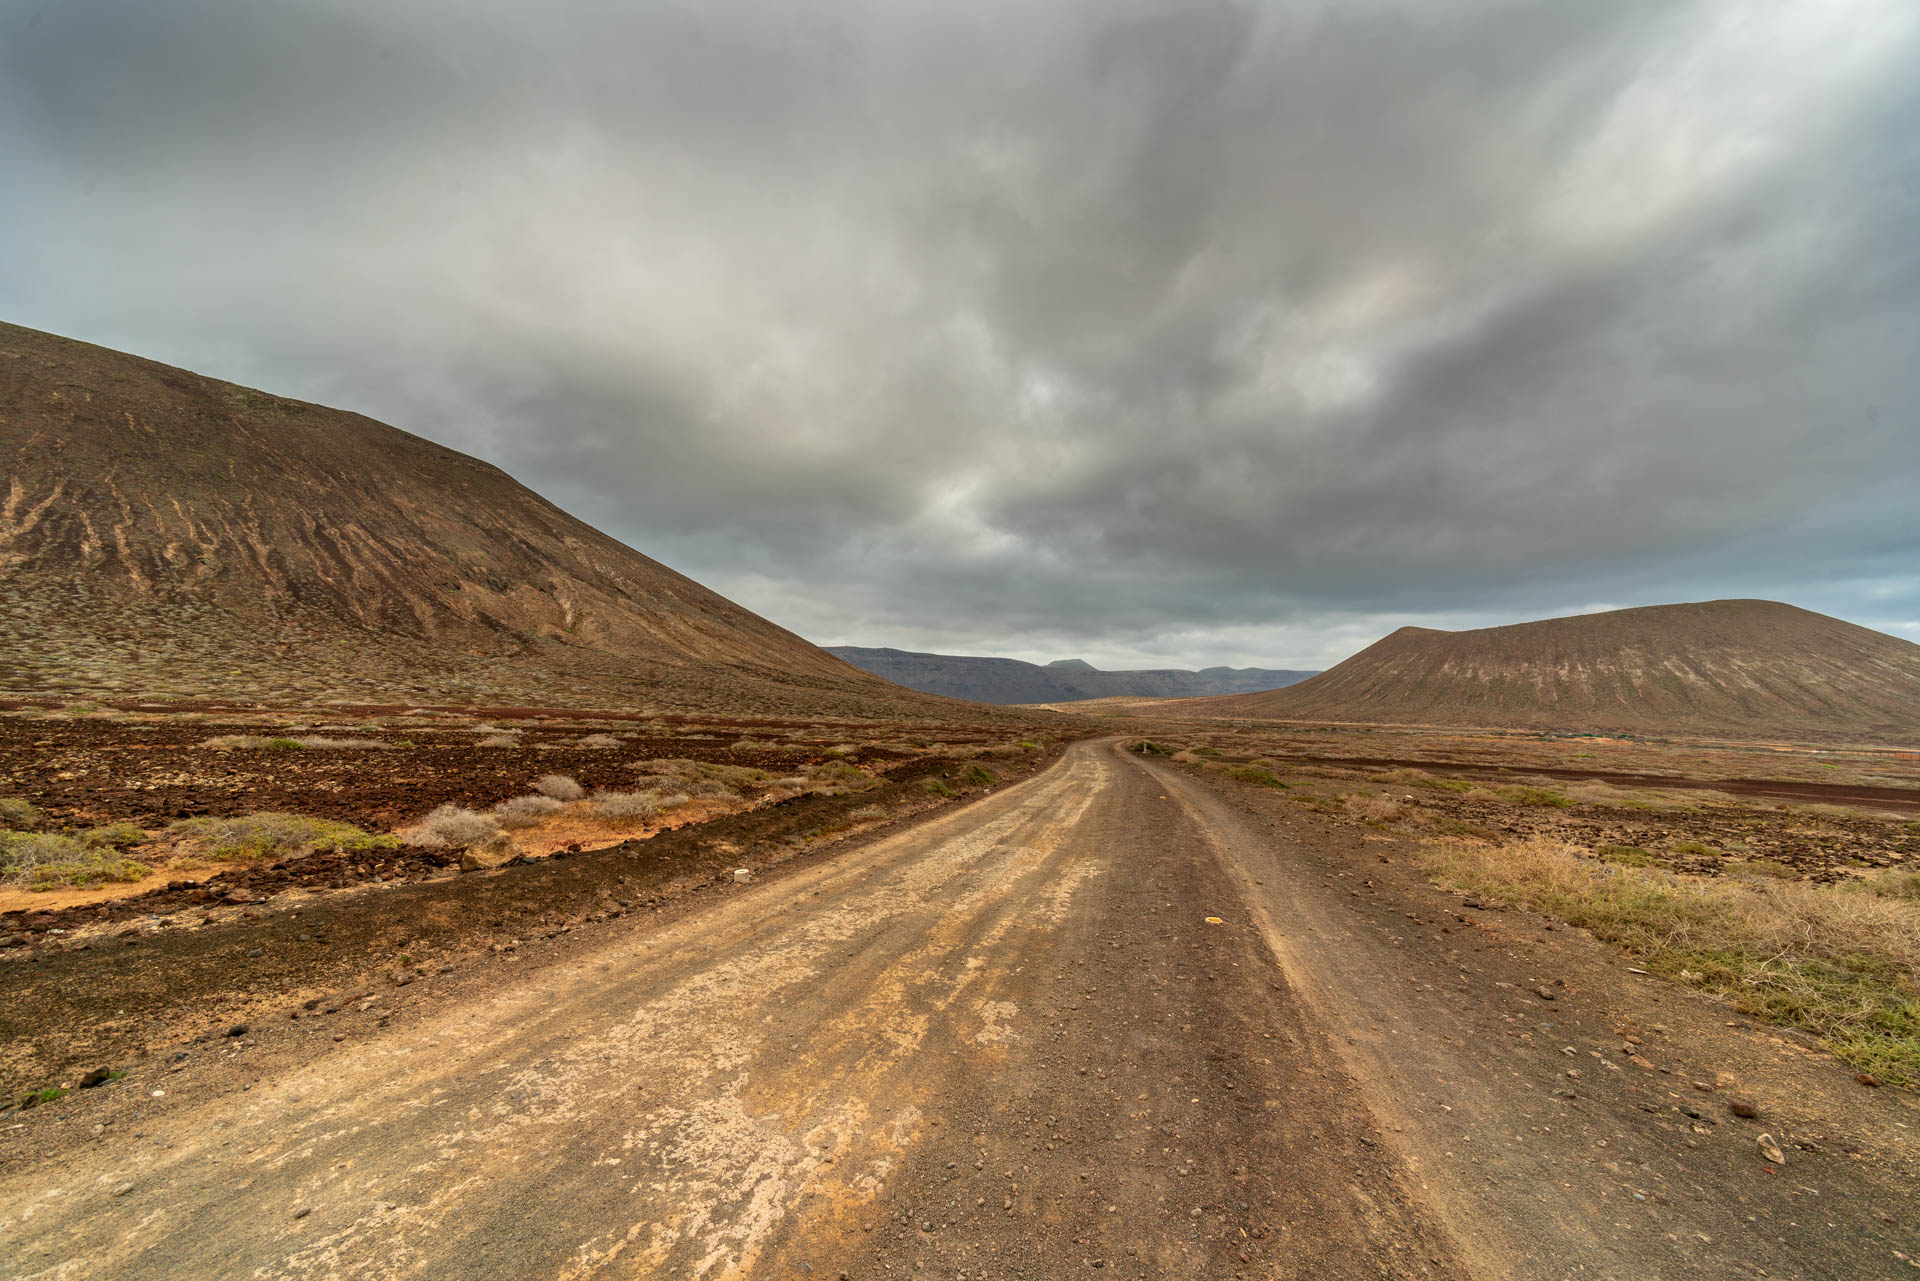 Road in La Graciosa | f/8 1/160sec ISO-100 12mm